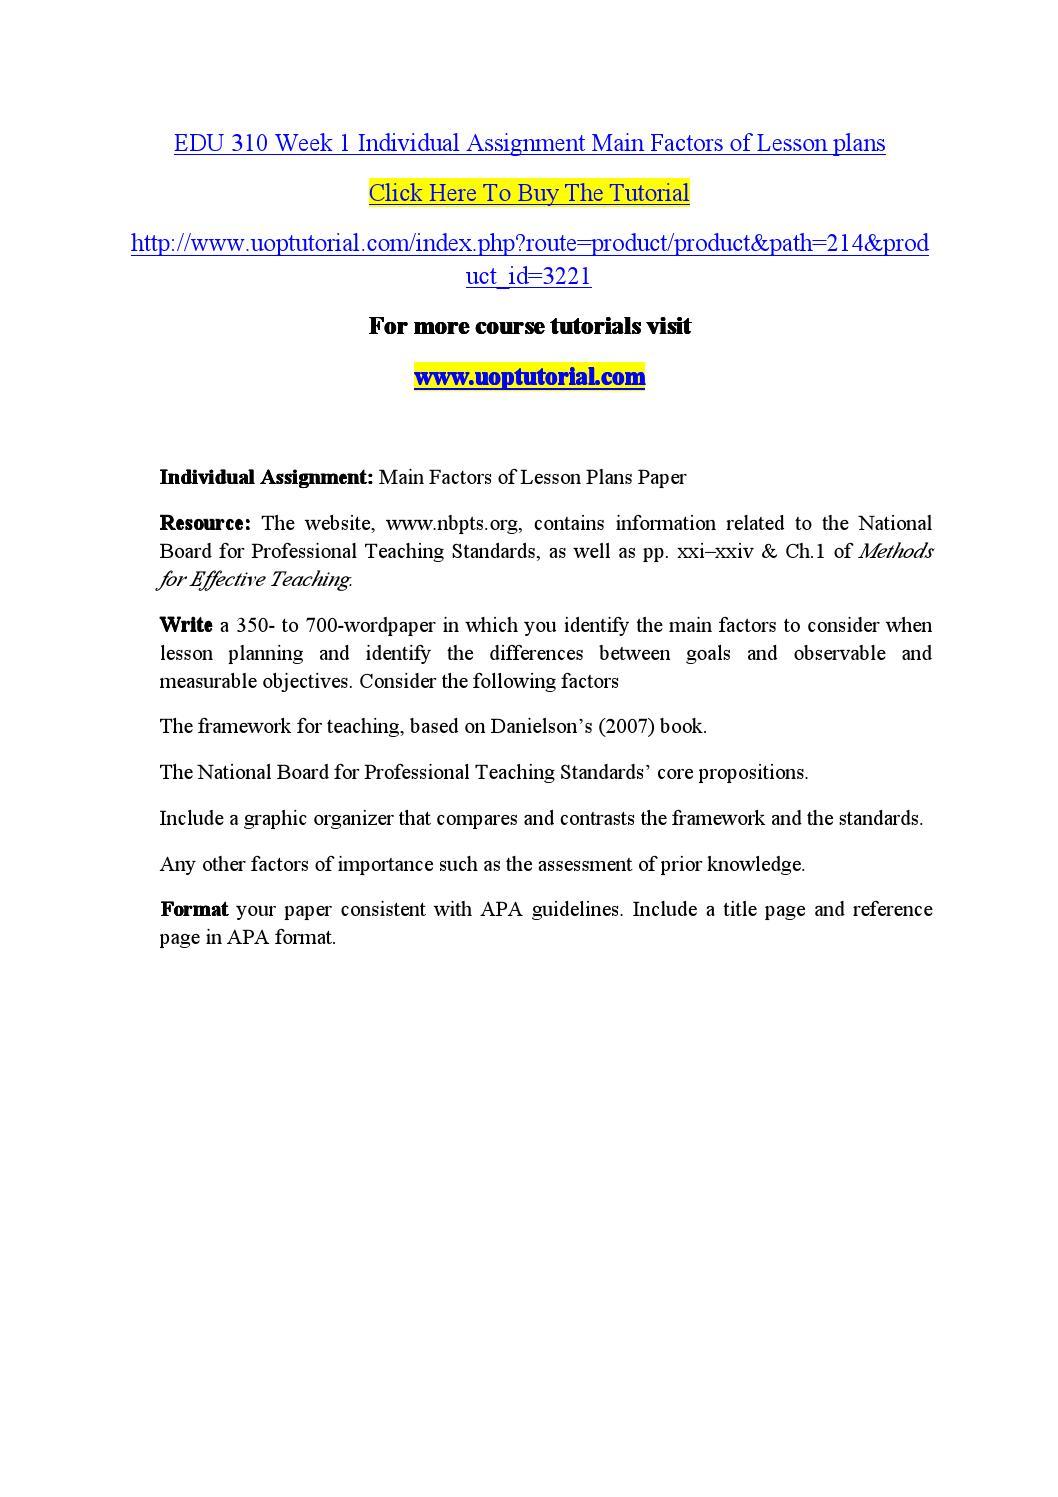 EDU 310 Week 1 Main Factors of Lesson Plans Paper